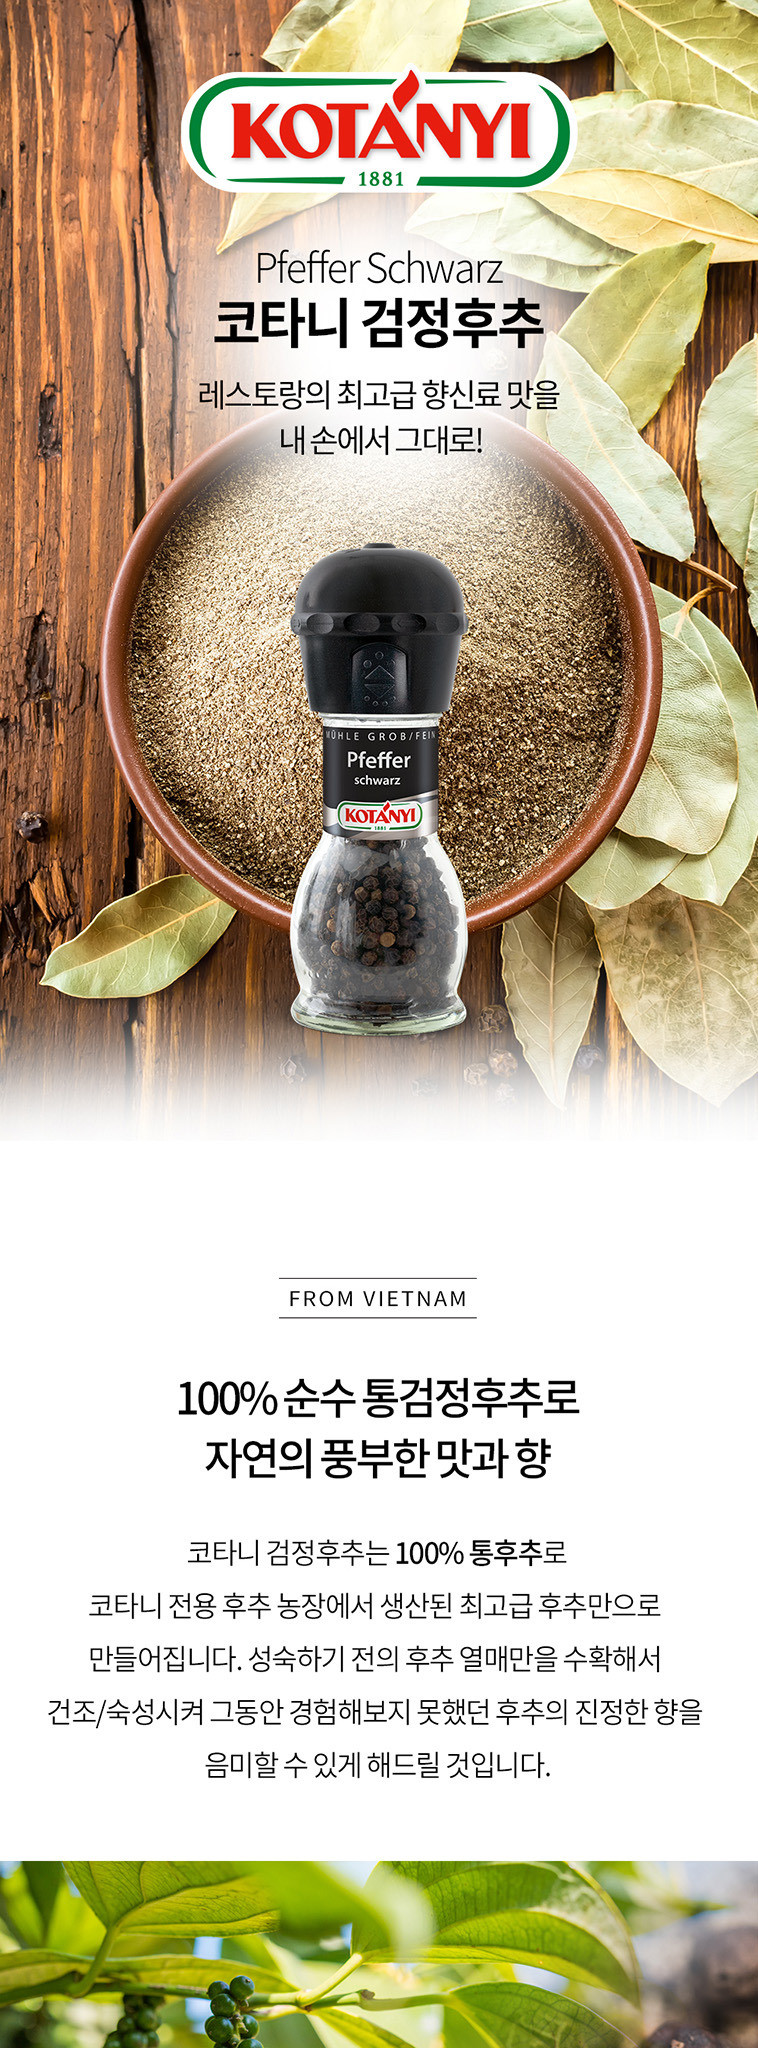 코타니-검정 후추 그라인더 - 코타니, 6,900원, 조미료, 후추/향신료